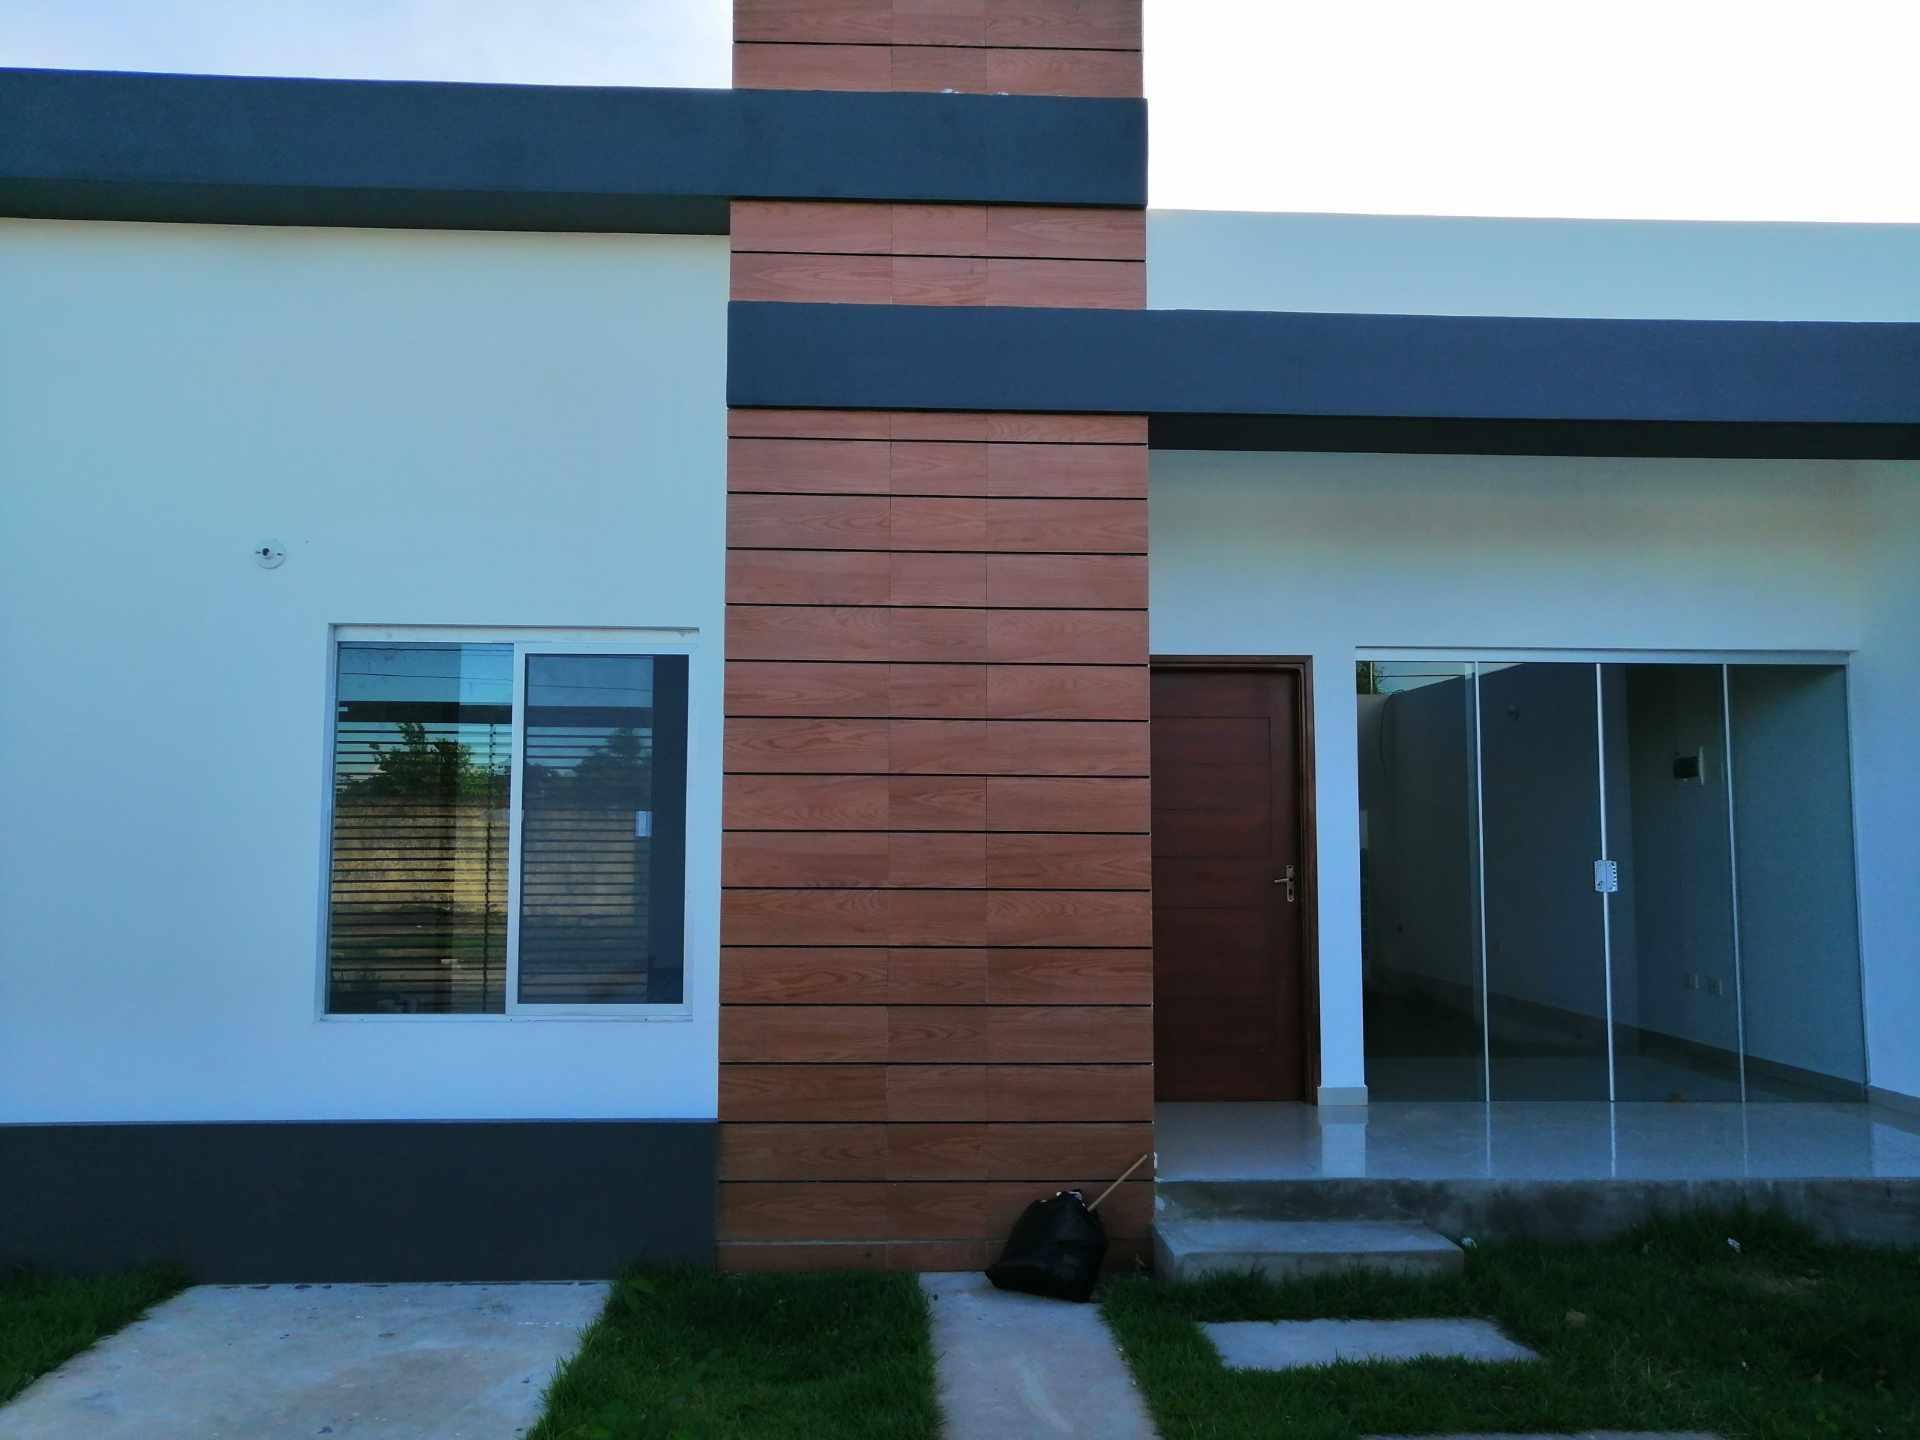 Casa en Venta Avenida bolivia y Radial 13 entre 6 Anillo Foto 3